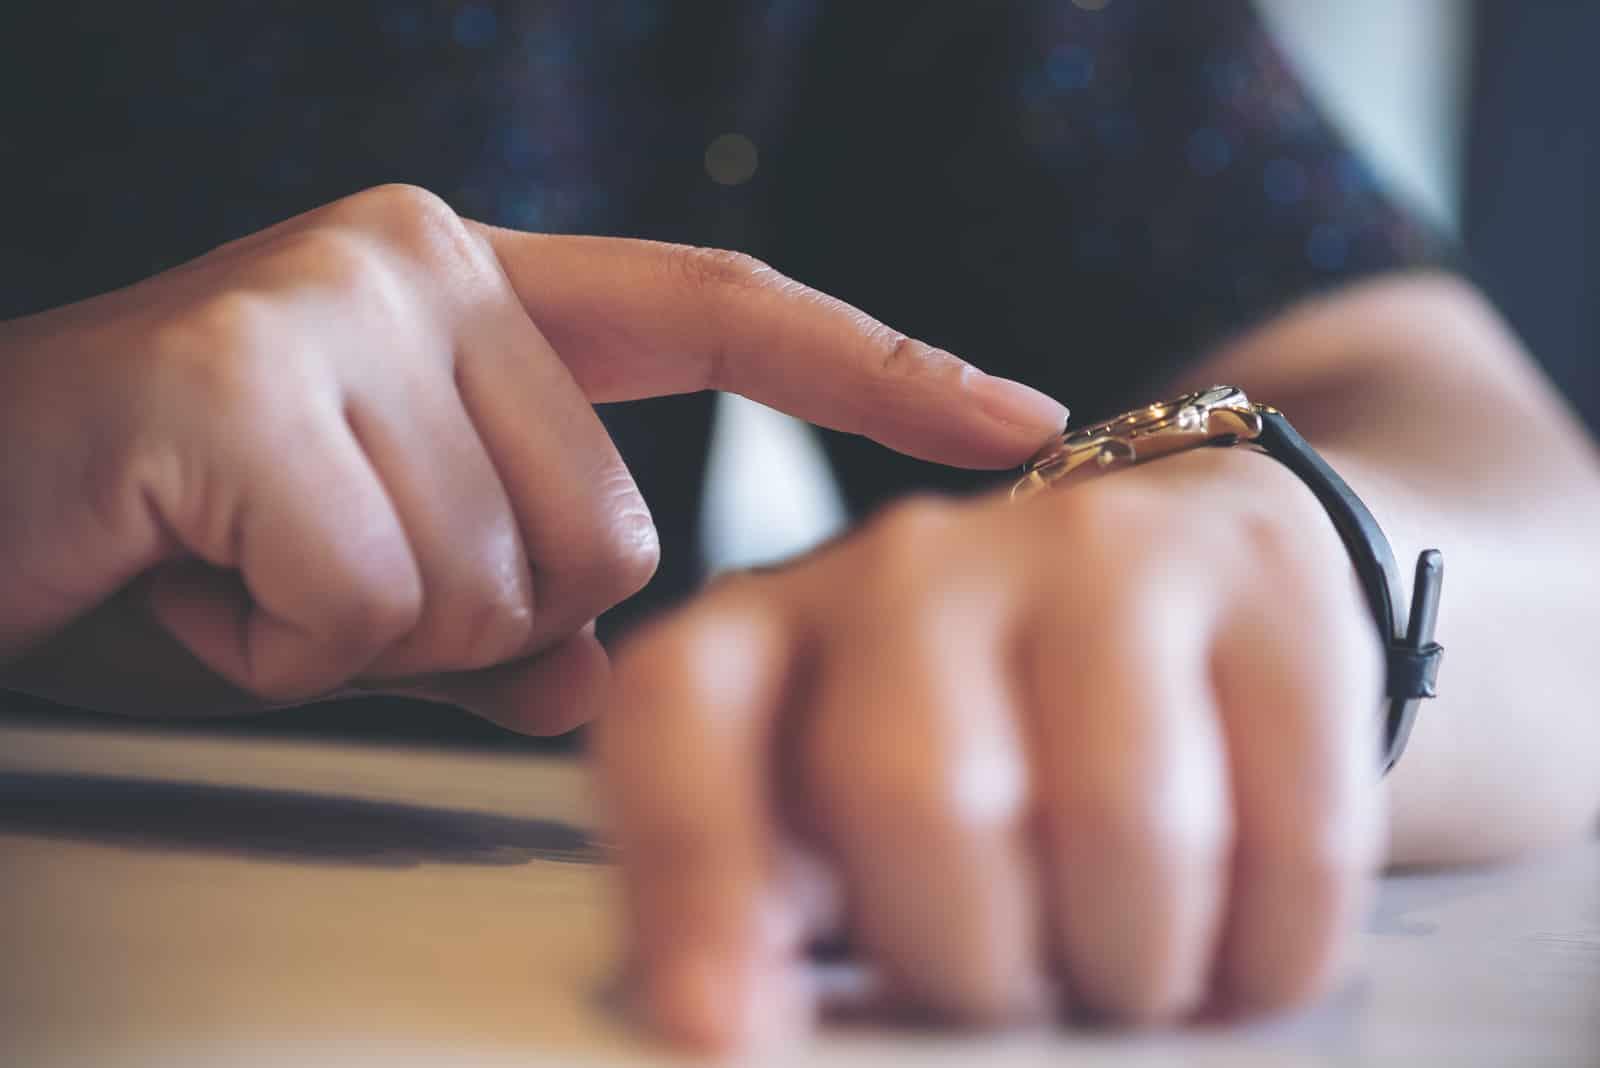 Frau zeigt auf eine schwarze Armbanduhr